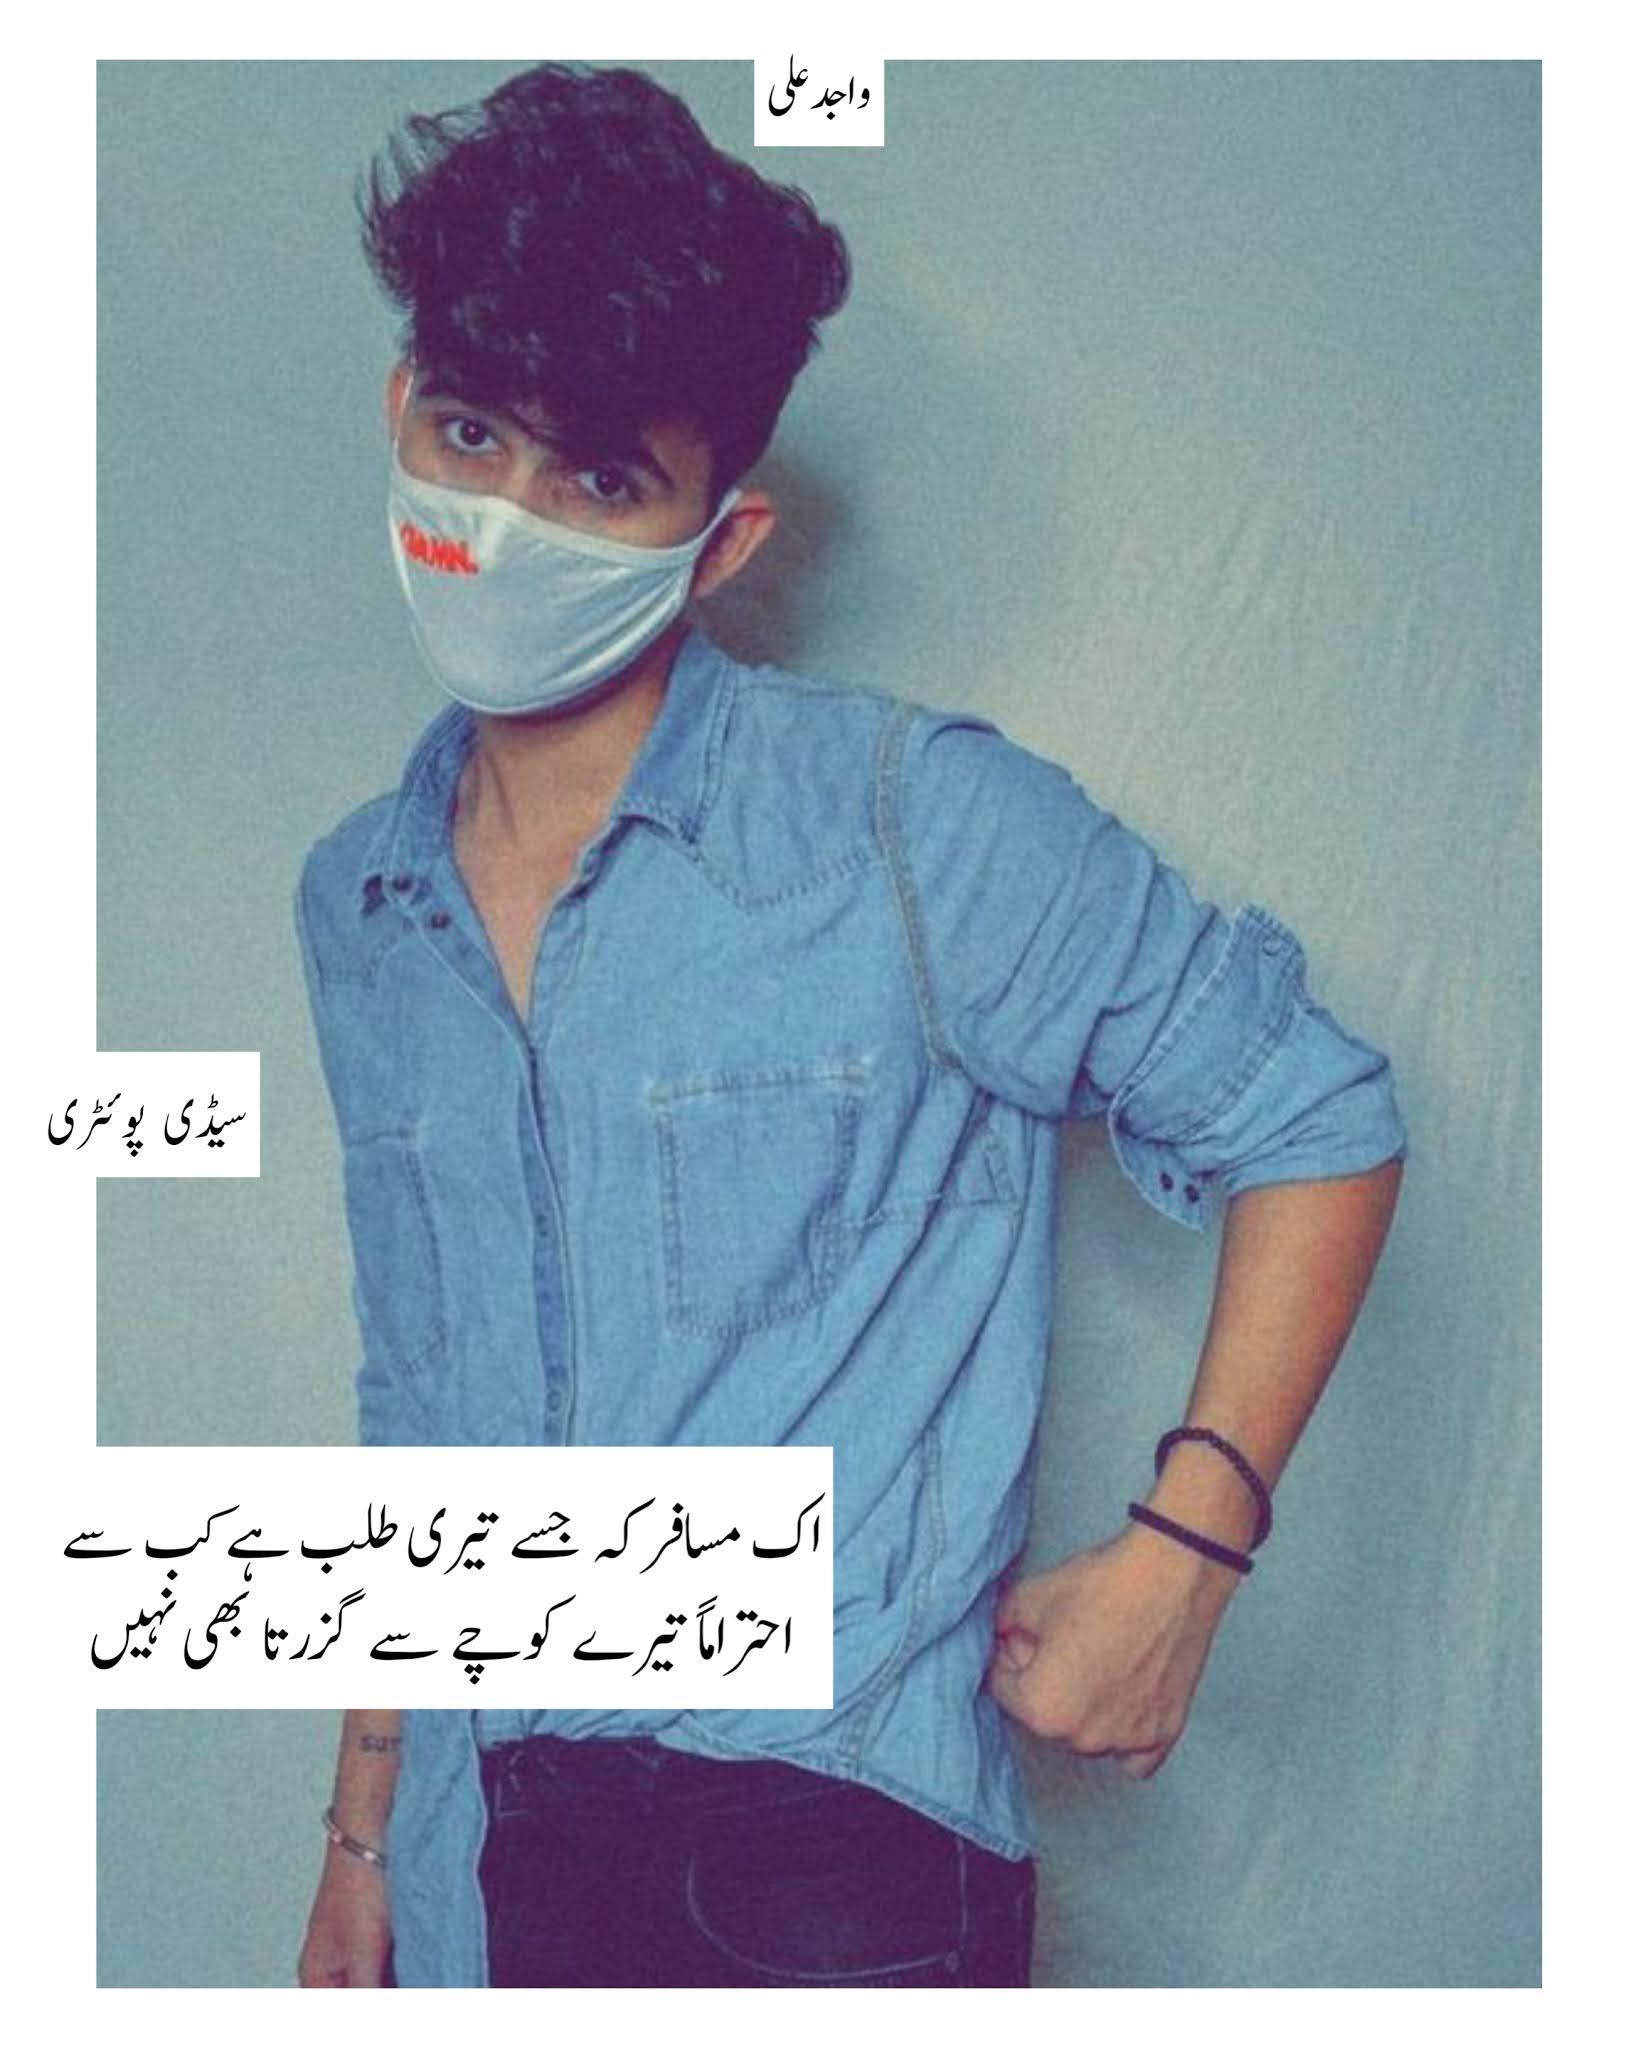 Love Sad Poetry For Boys in Urdu 2021